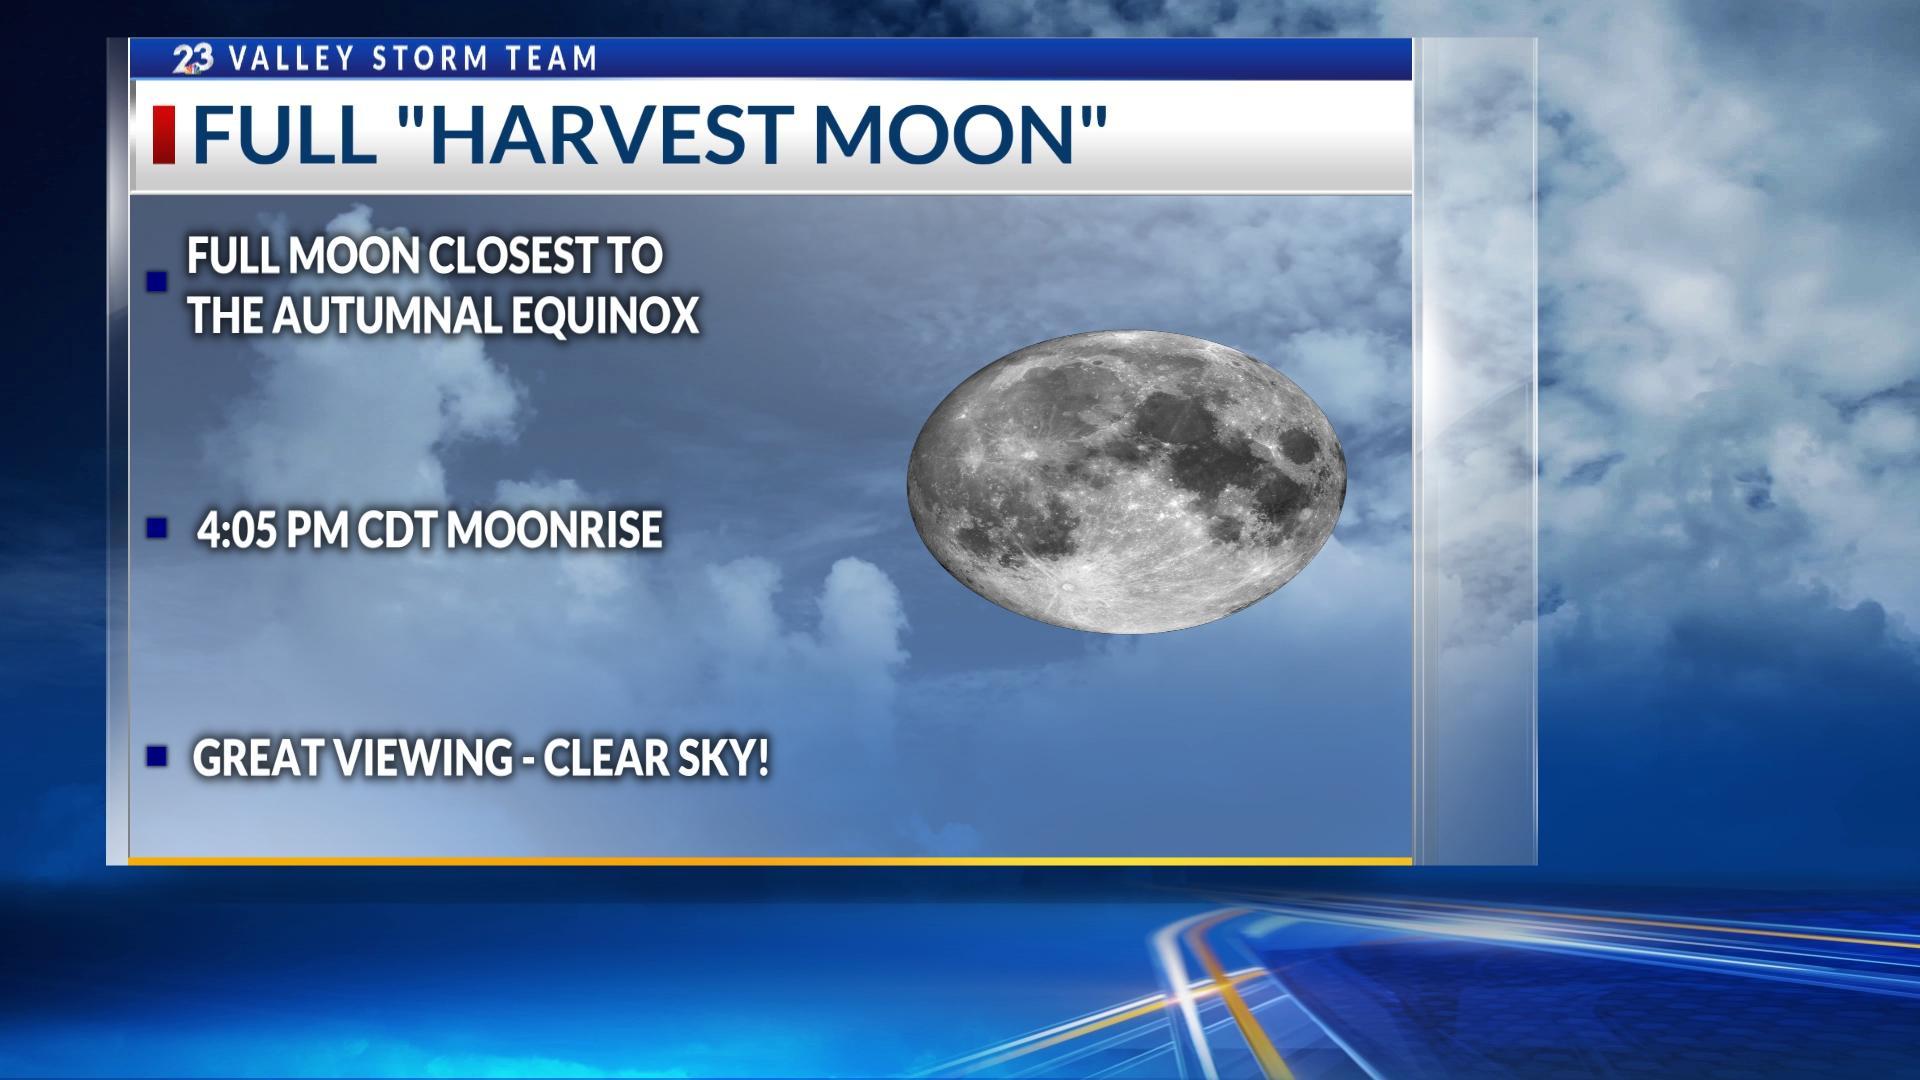 Full Harvest Moon Tonight Rare Blue Moon On Halloween Kveo Tv